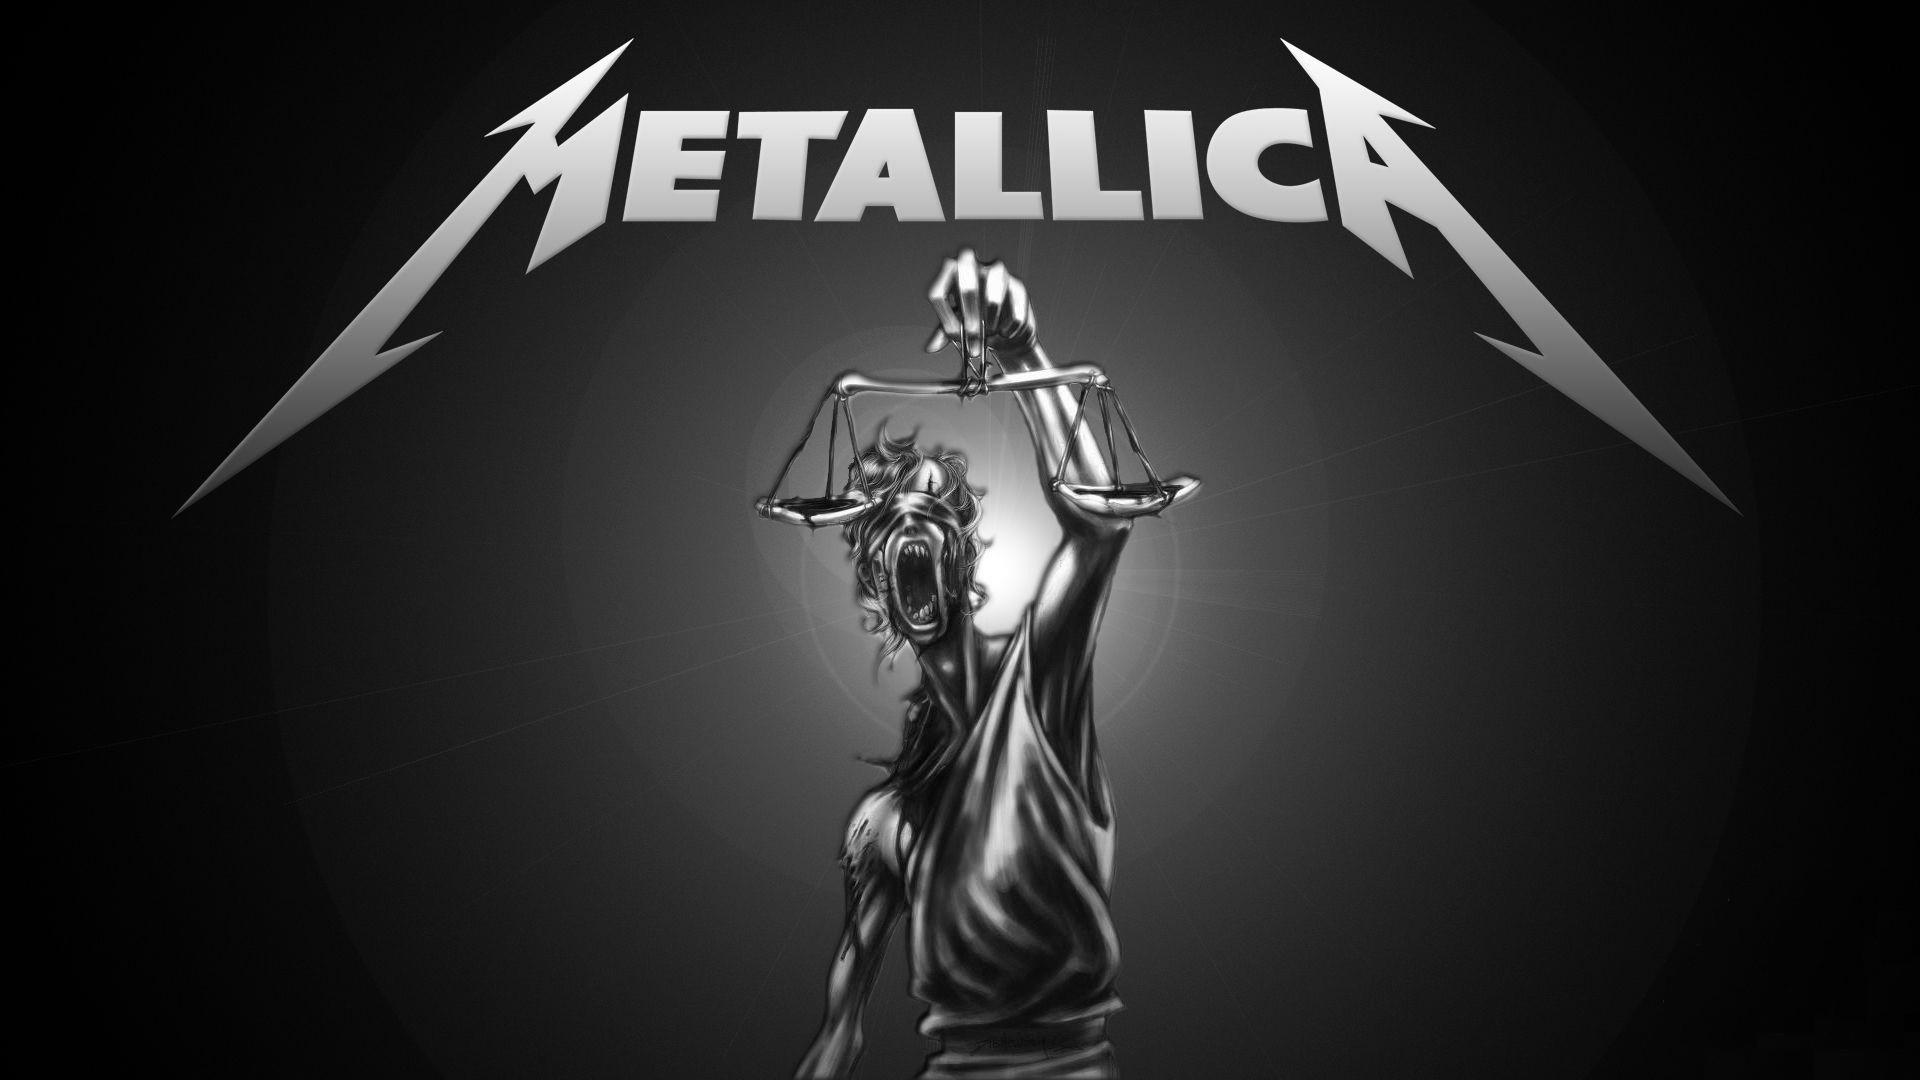 Metallica Black Album Wallpaper 59 Images